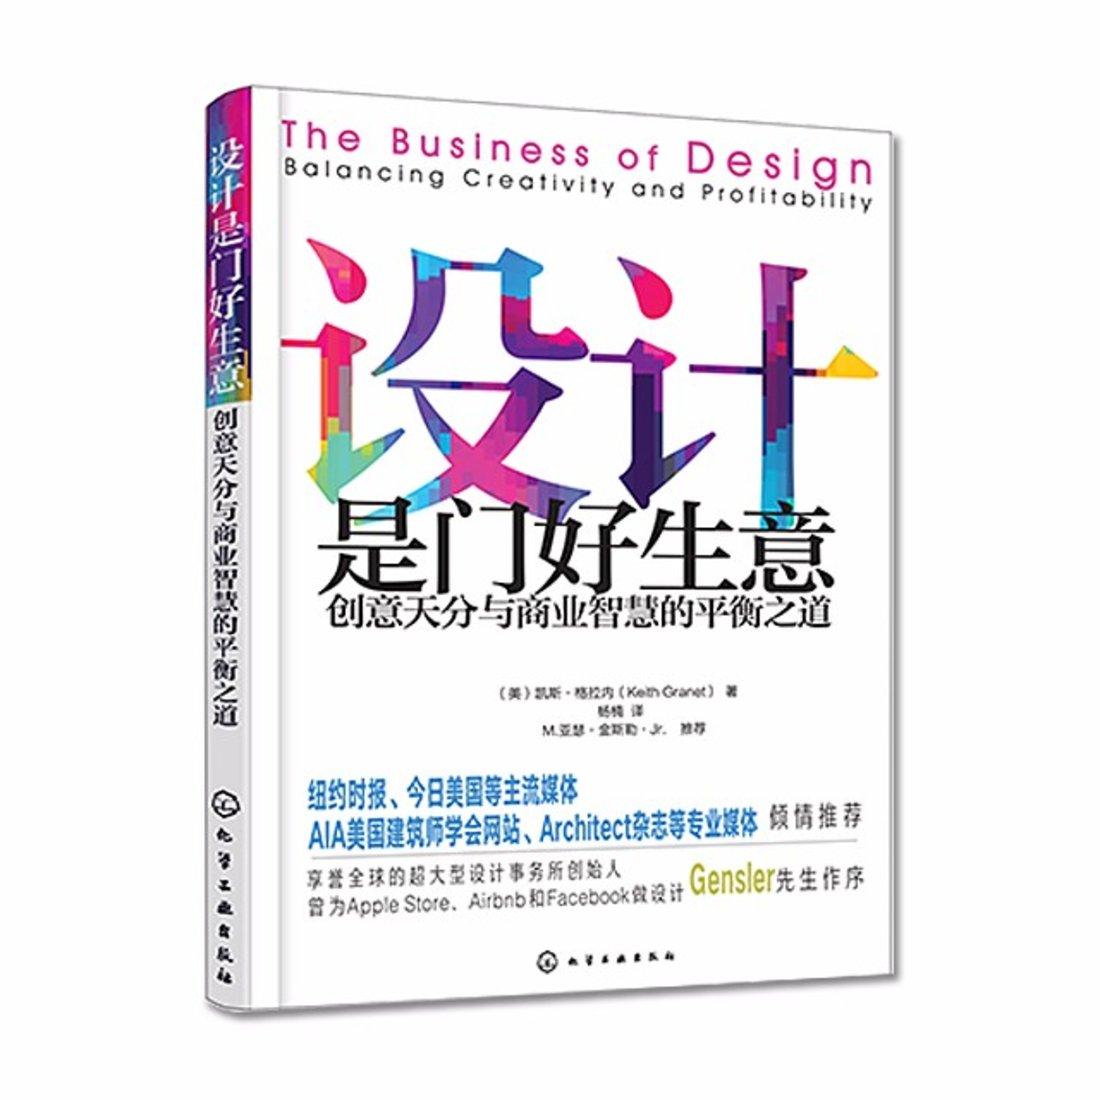 《设计是门好生意:创意天分与商业智慧的平衡之道 》